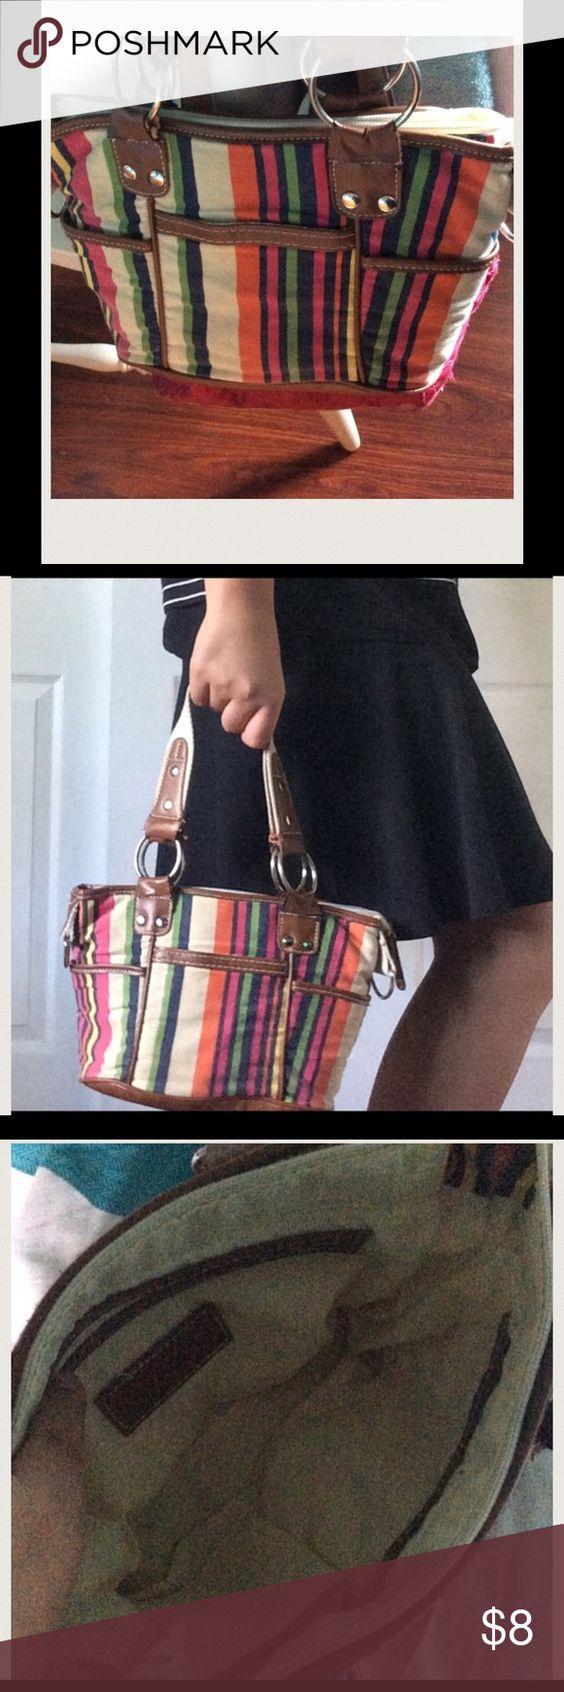 Colorful shoulder purse Super cute! Colorful! Good condition! Bags Shoulder Bags